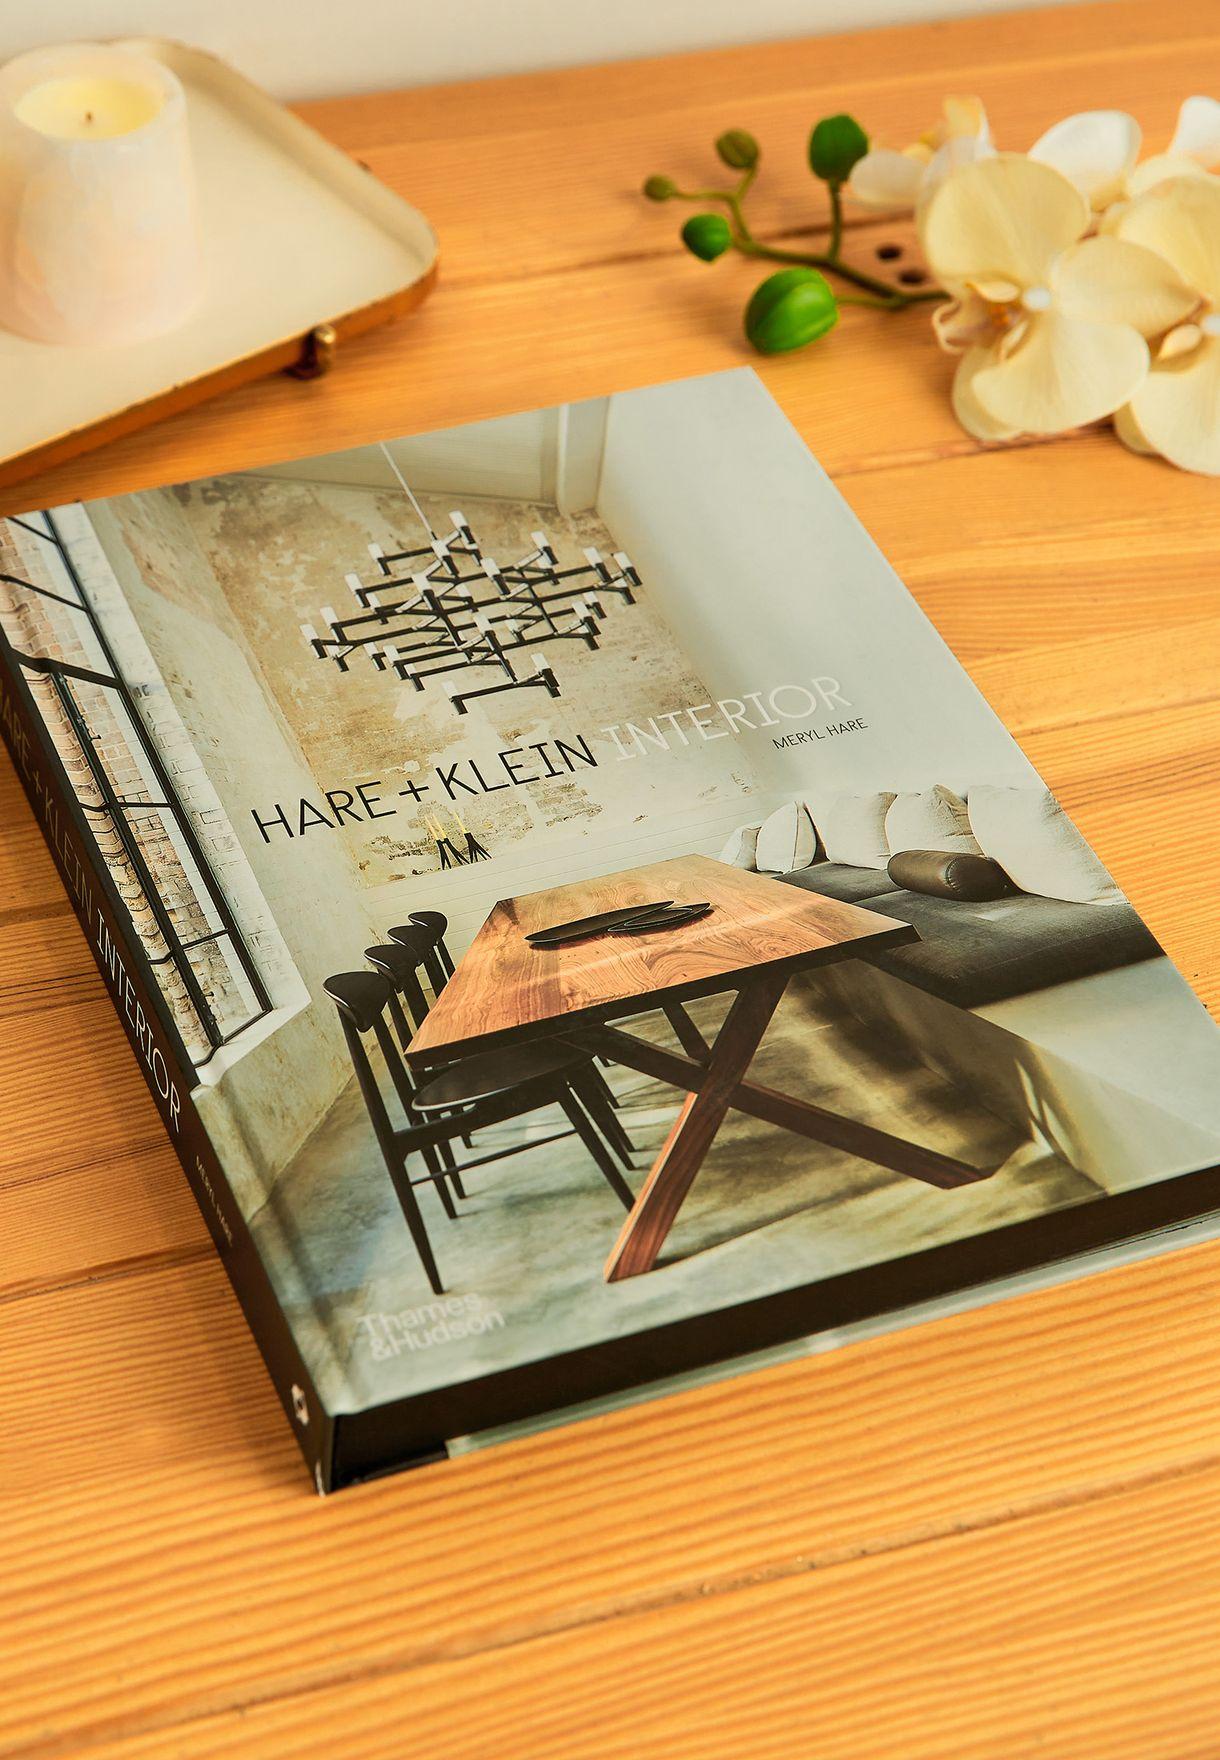 كتاب هير اند كلاين انيريور